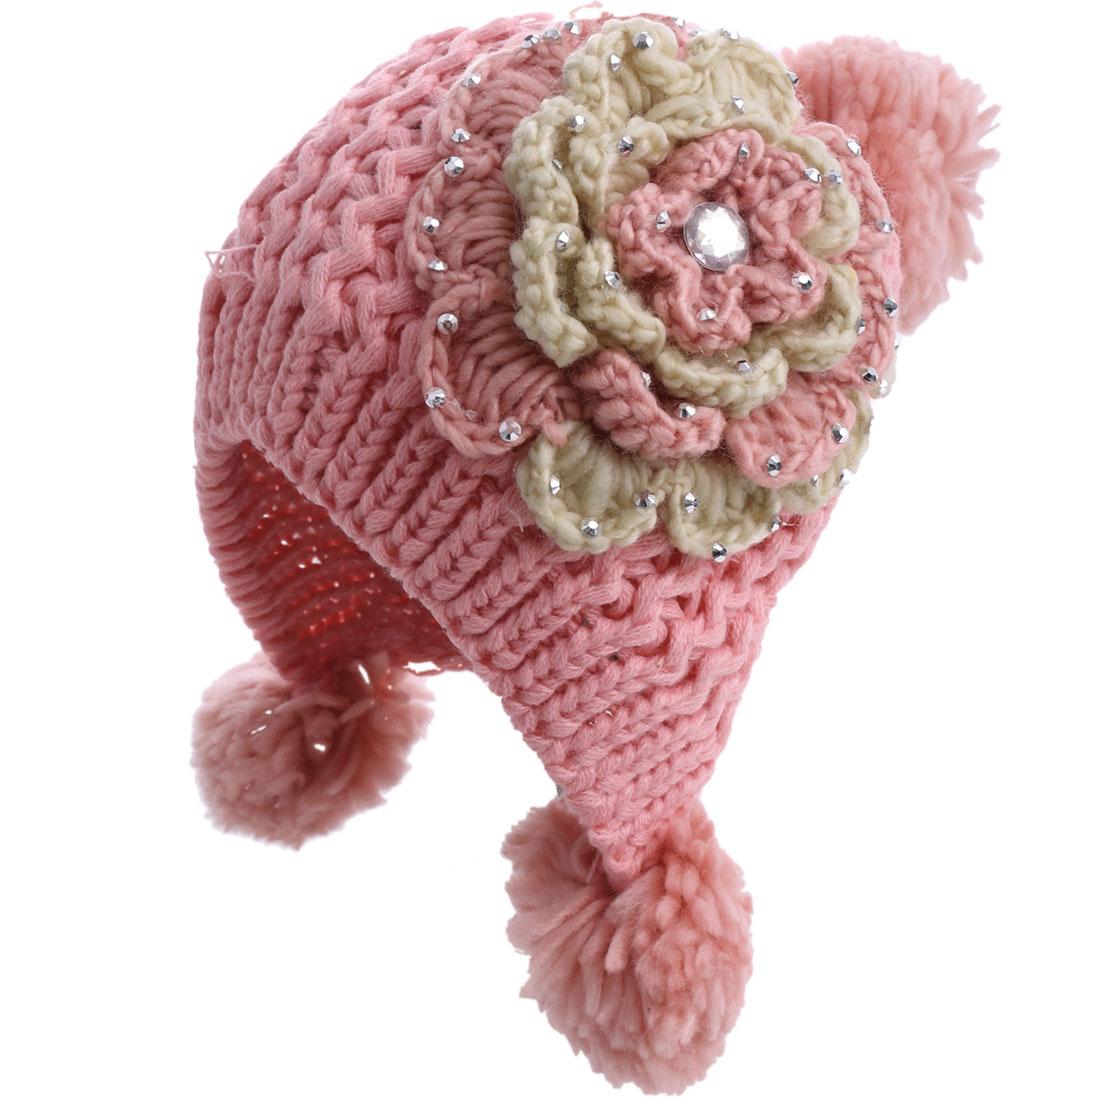 Lady Lovely Crochet Flower Ear Flap Pink Beanie Cap